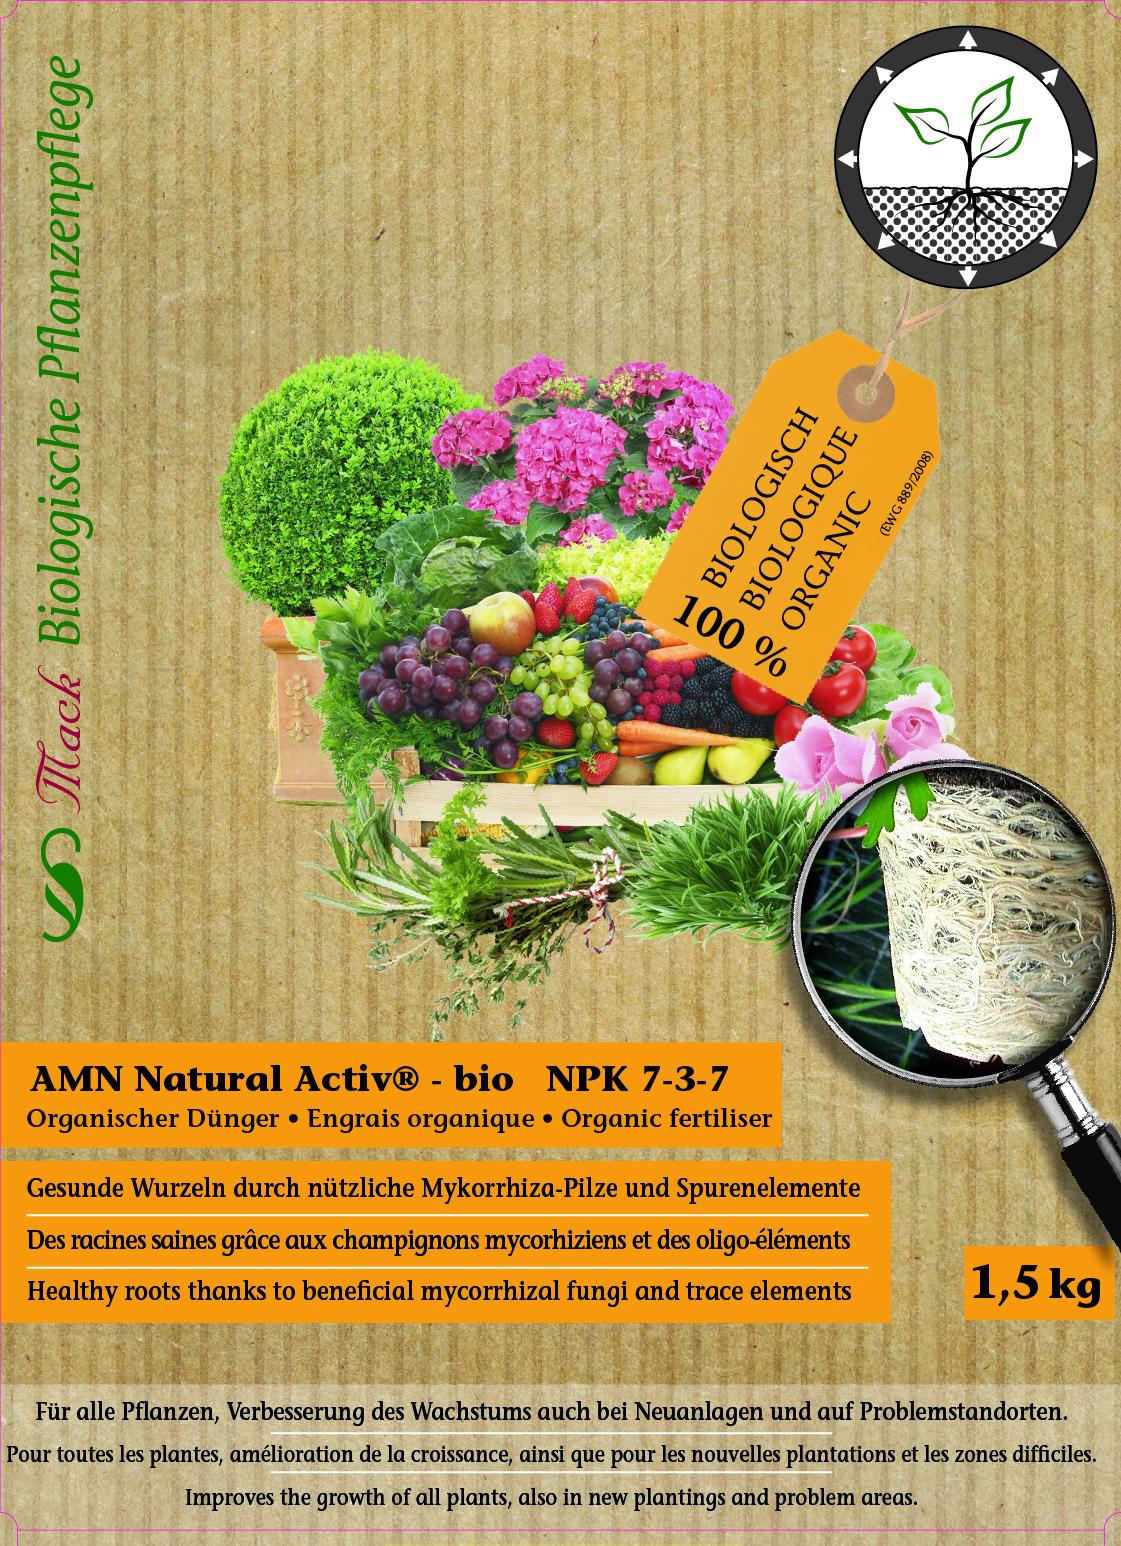 Natural Activ-bio_1,5 kg_ 2016 frontal.jpg